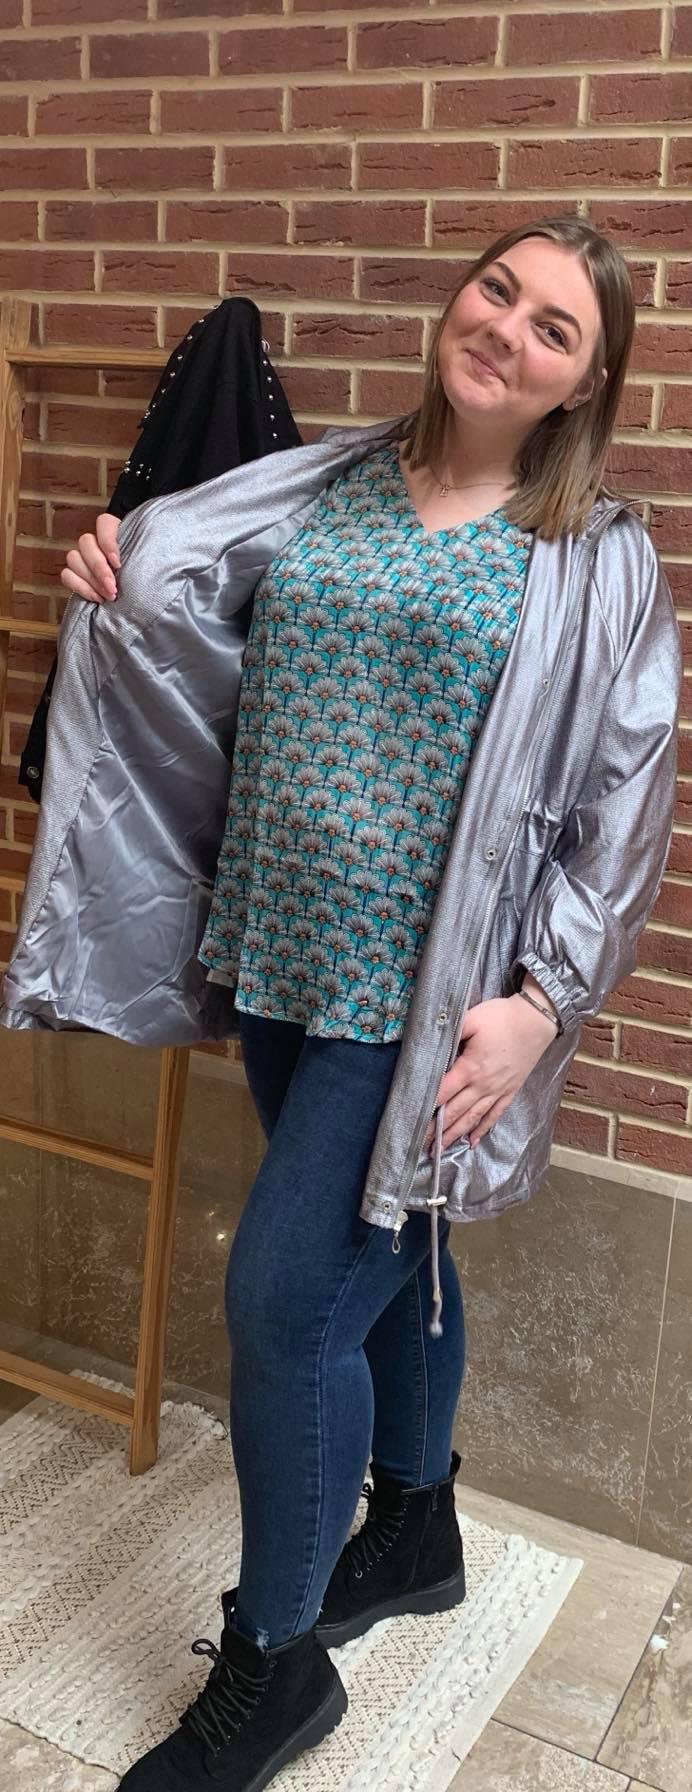 blouse motifs éventails  - BLO_MOT_EVE